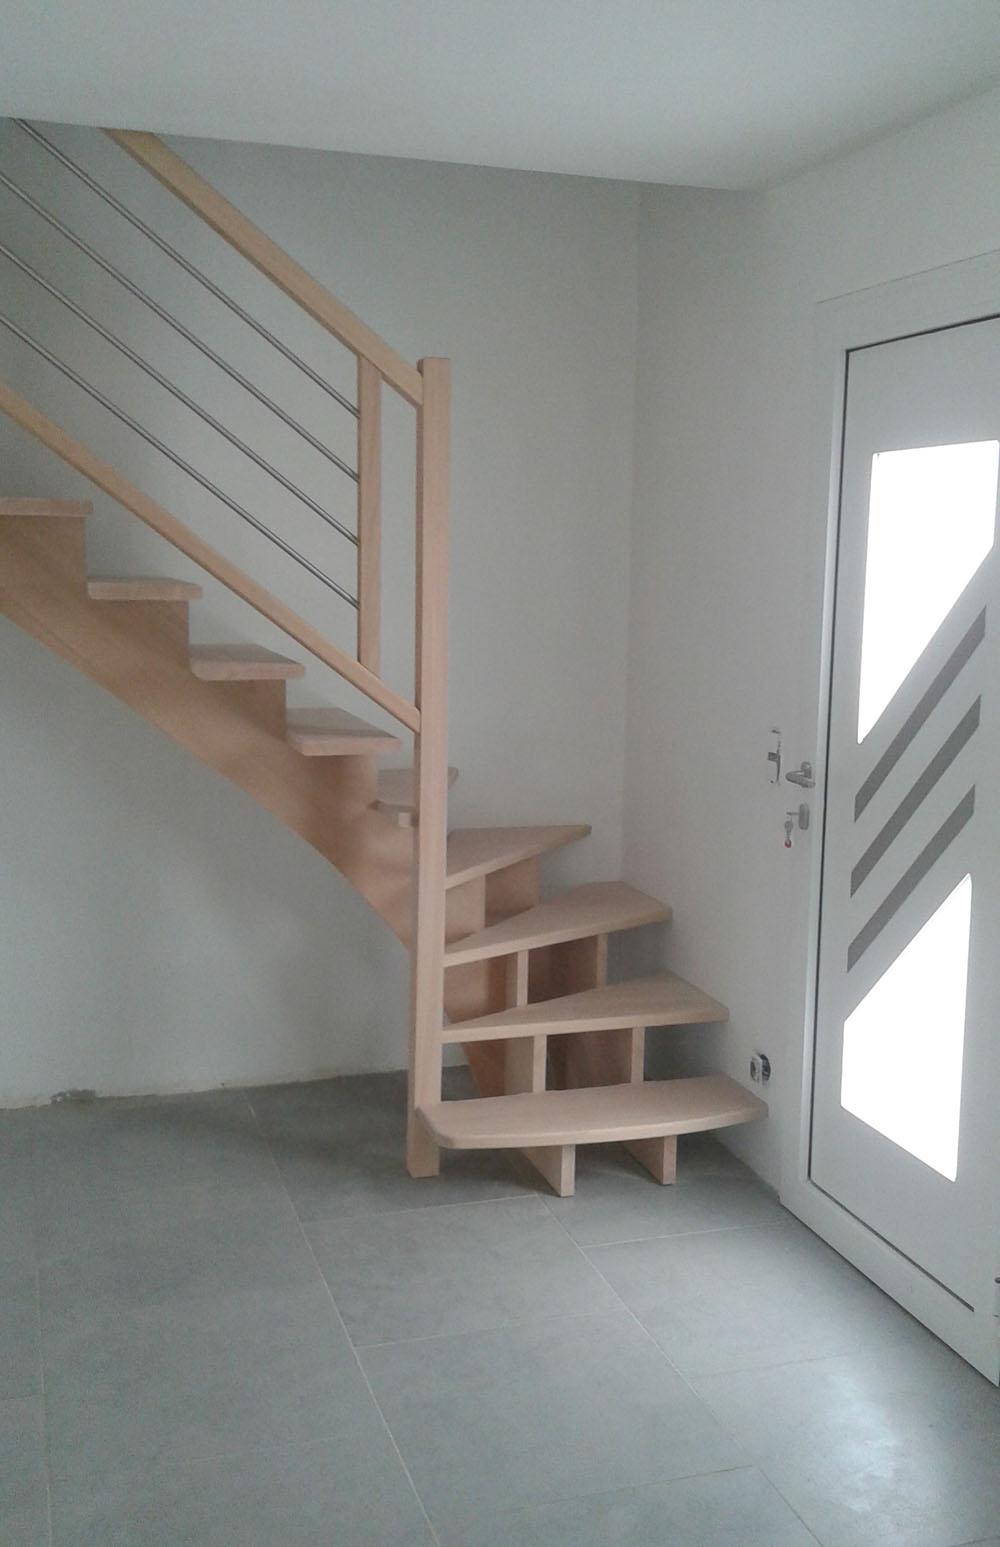 Escalier bois rampe bois inox